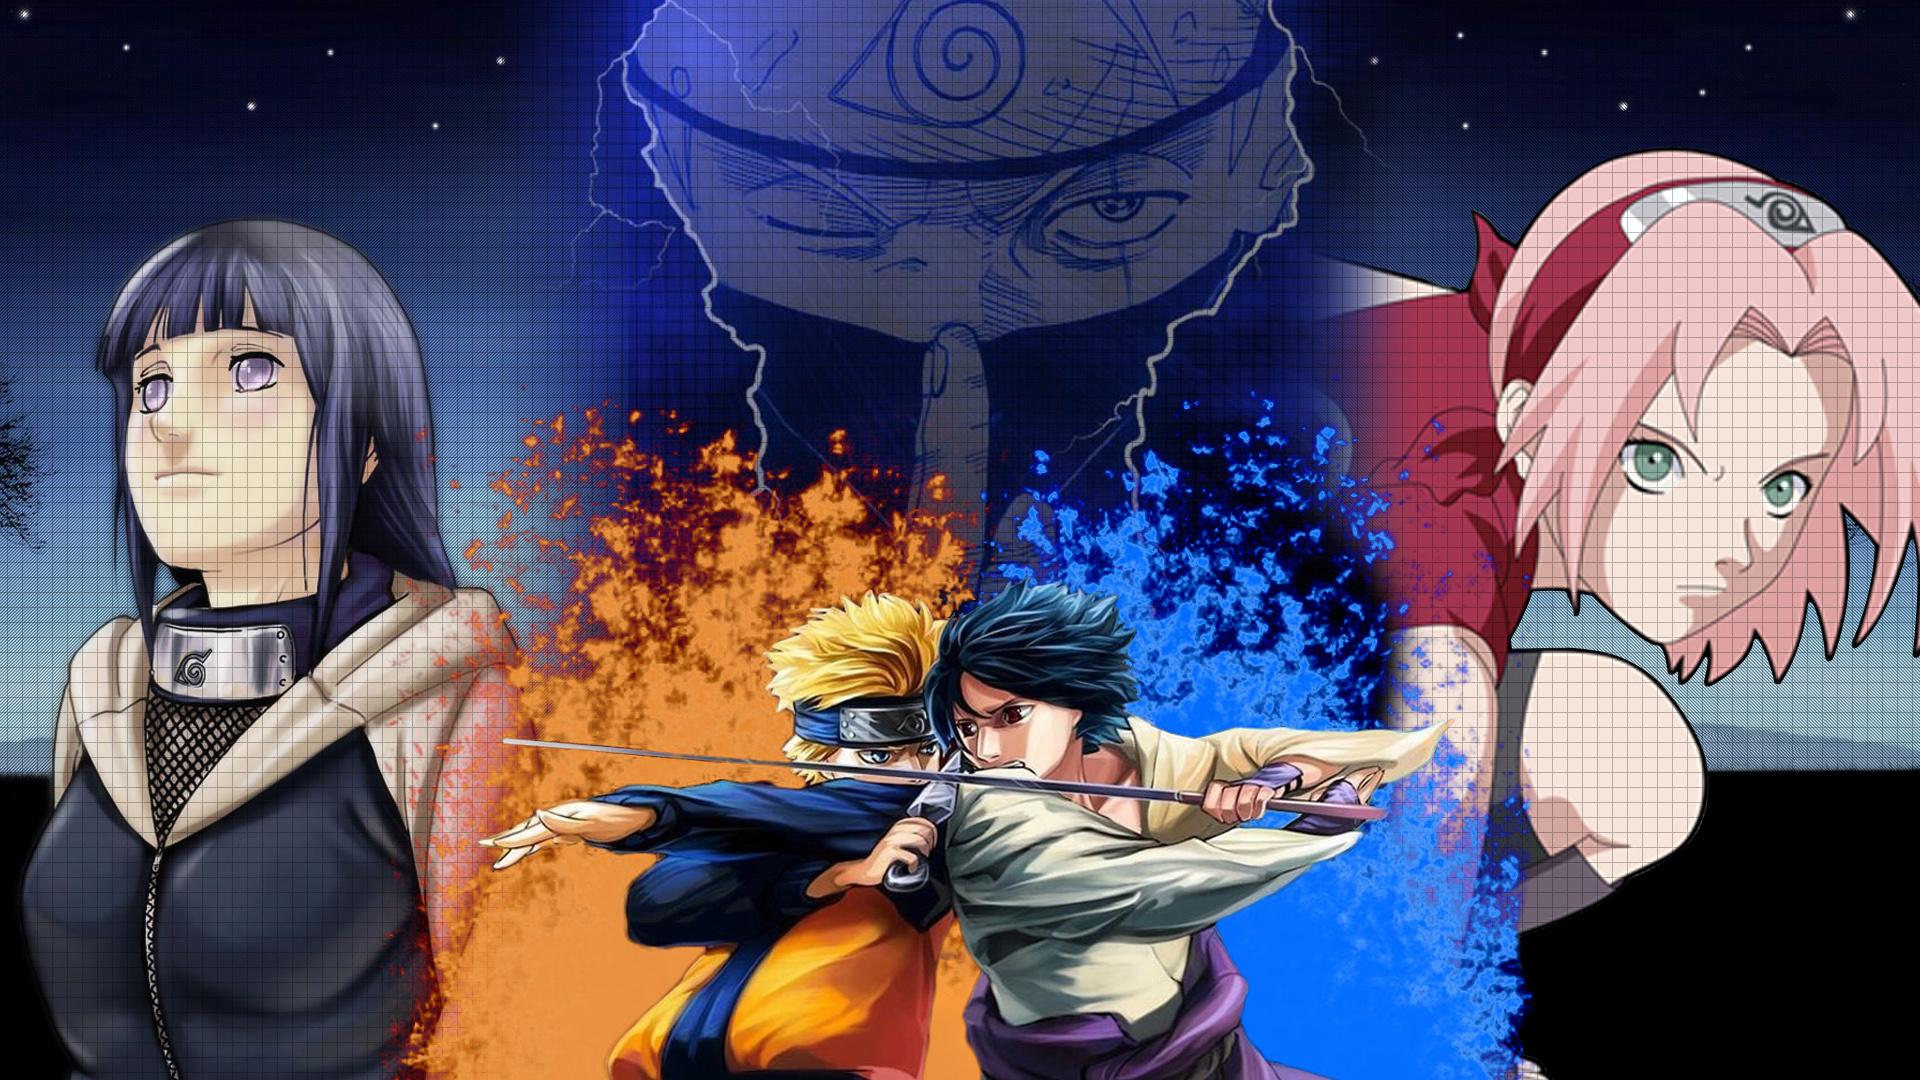 Naruto And Hinata Wallpaper Hdwallpaper Hinata Hyuga Naruto Sasuke Sakura Hinata 434269 Hd Wallpaper Backgrounds Download